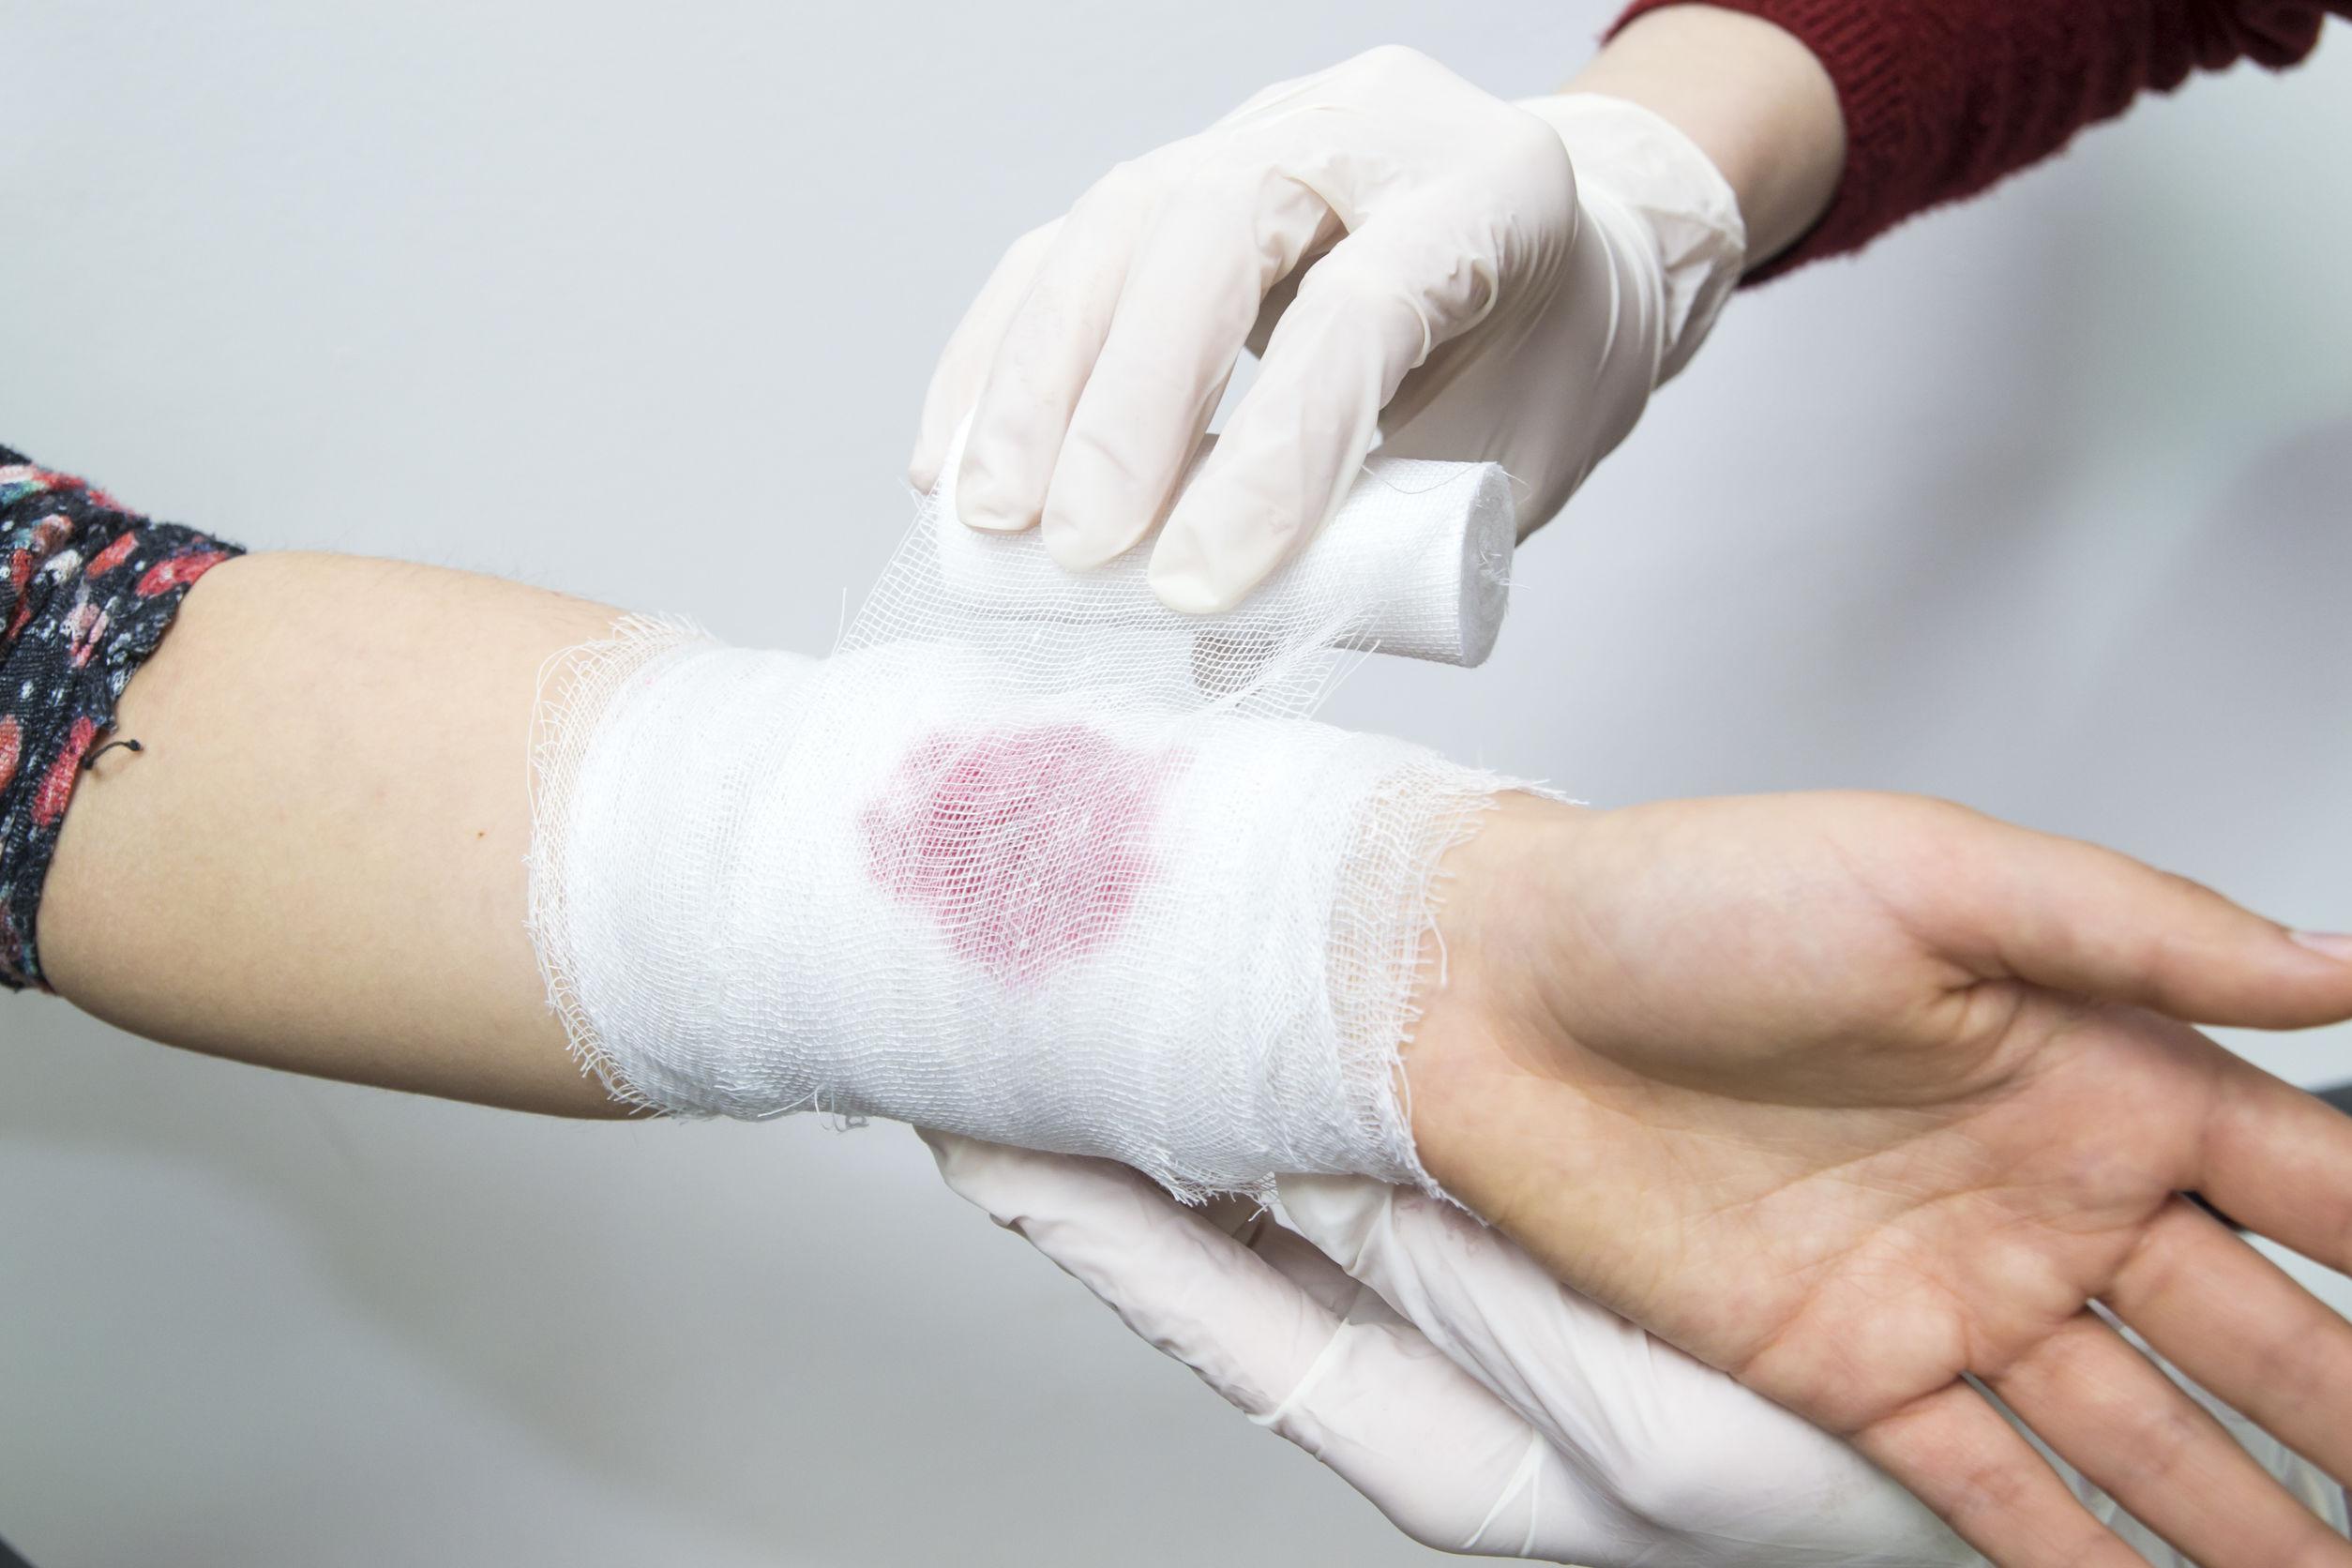 Bandaging a bleeding injury on the forearm using a white bandage